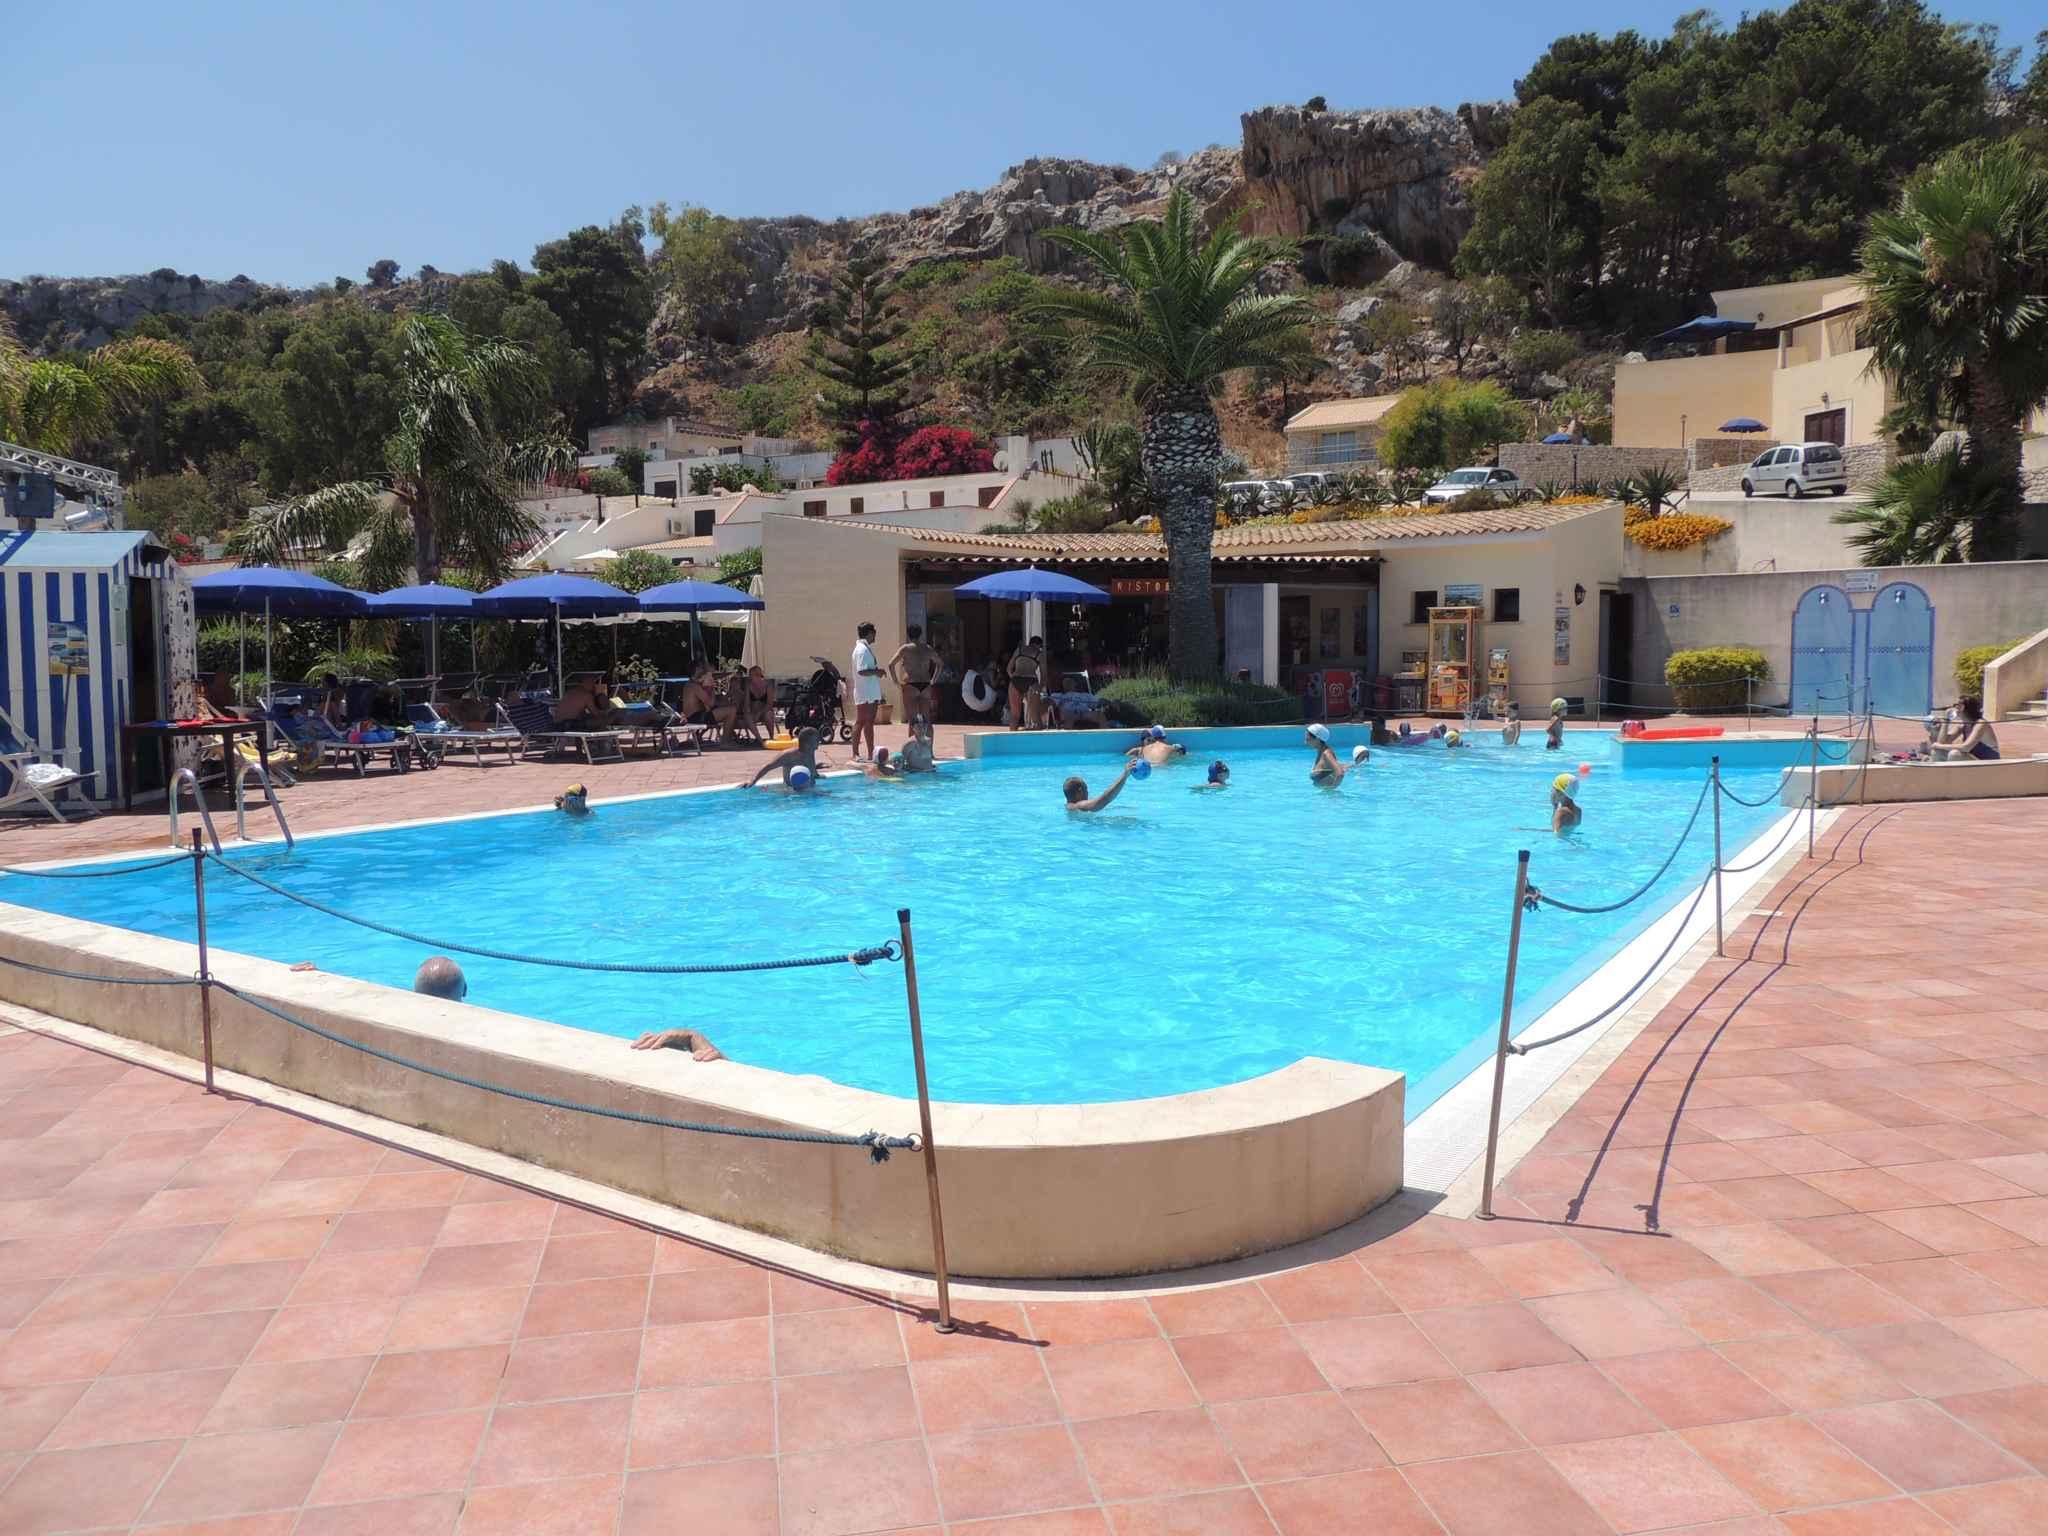 Appartement de vacances con piscina all'aperto e animazione (1950256), San Vito Lo Capo, Trapani, Sicile, Italie, image 3